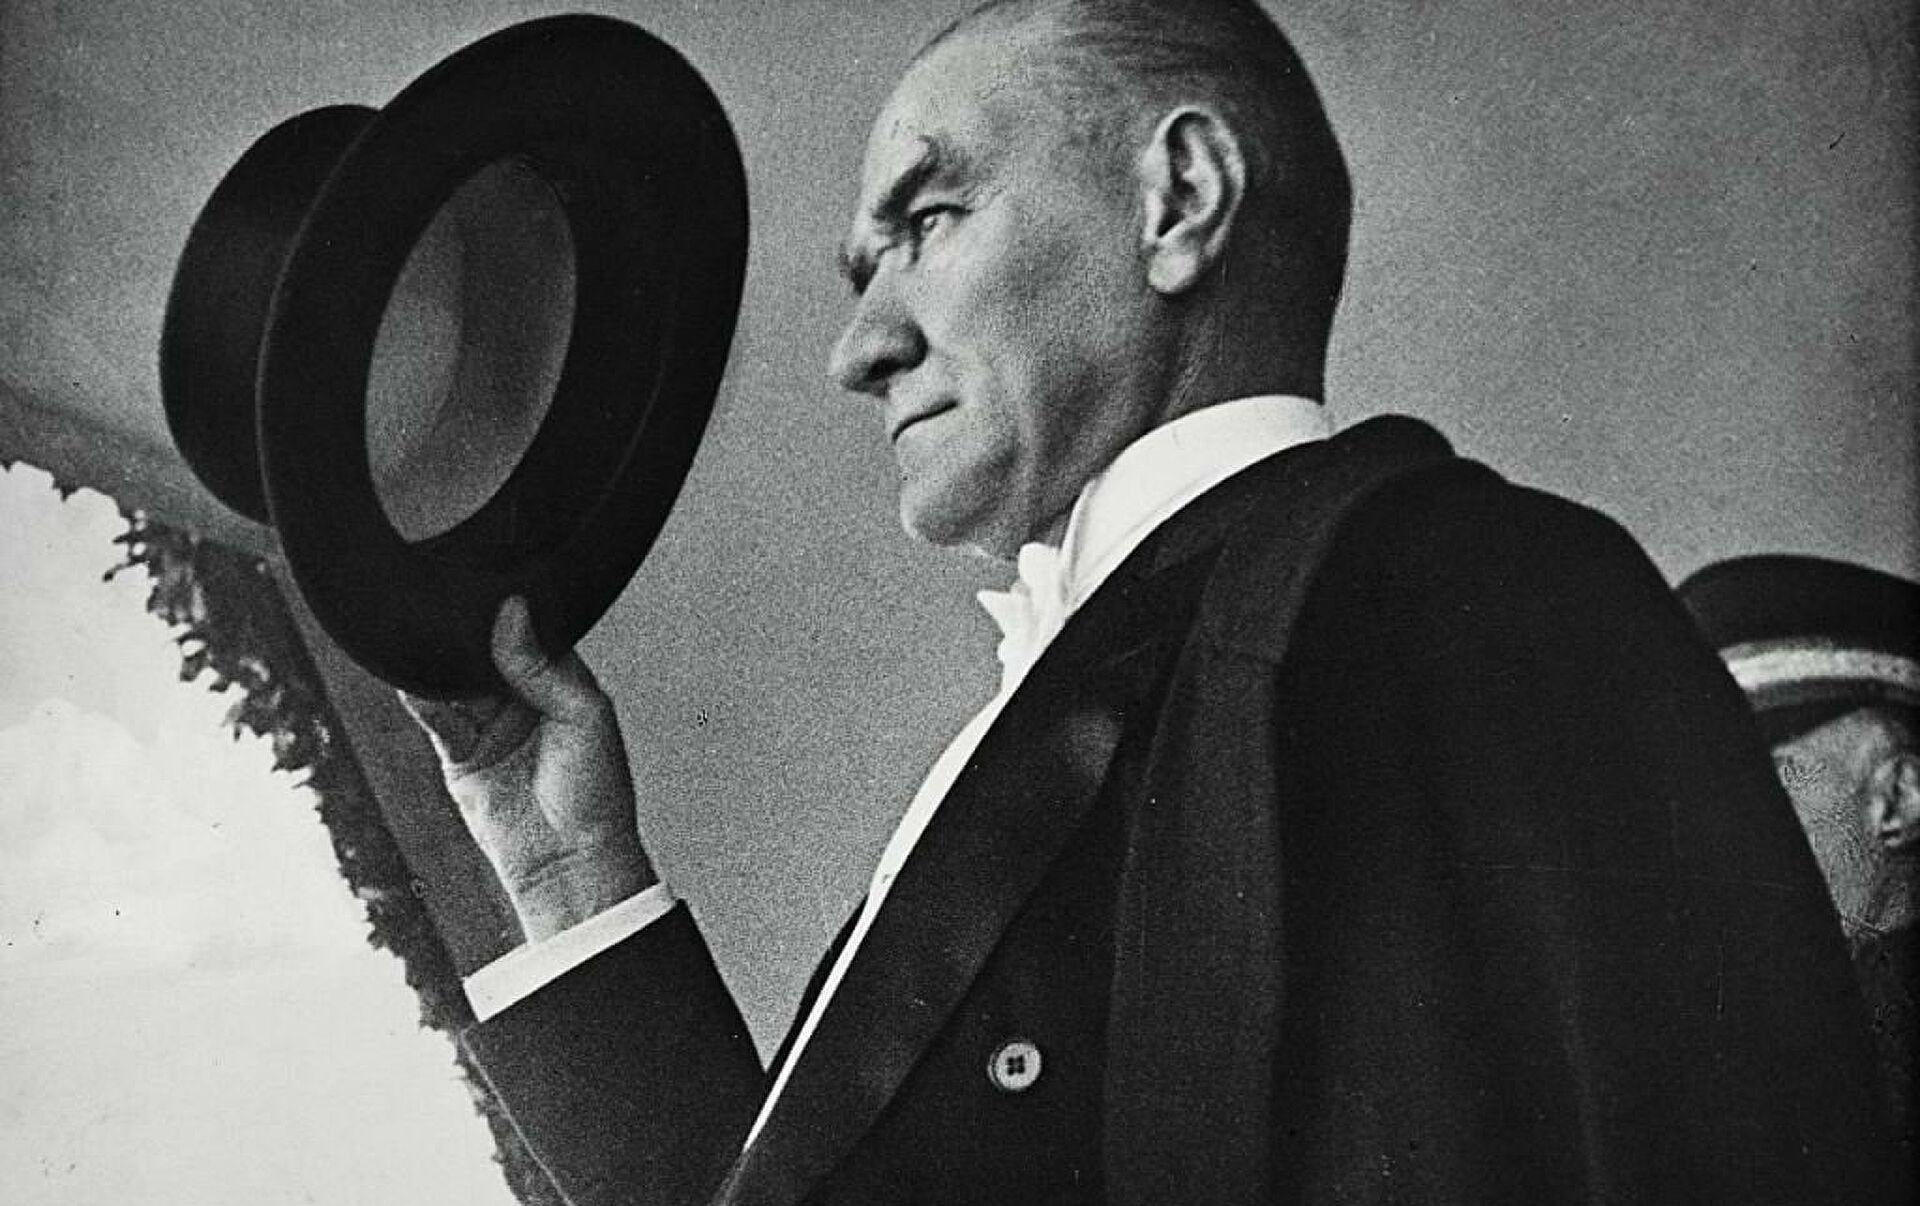 Milliyetçilik ve Vatanseverlik ayrışırken: Atatürk önce vatansever miydi?